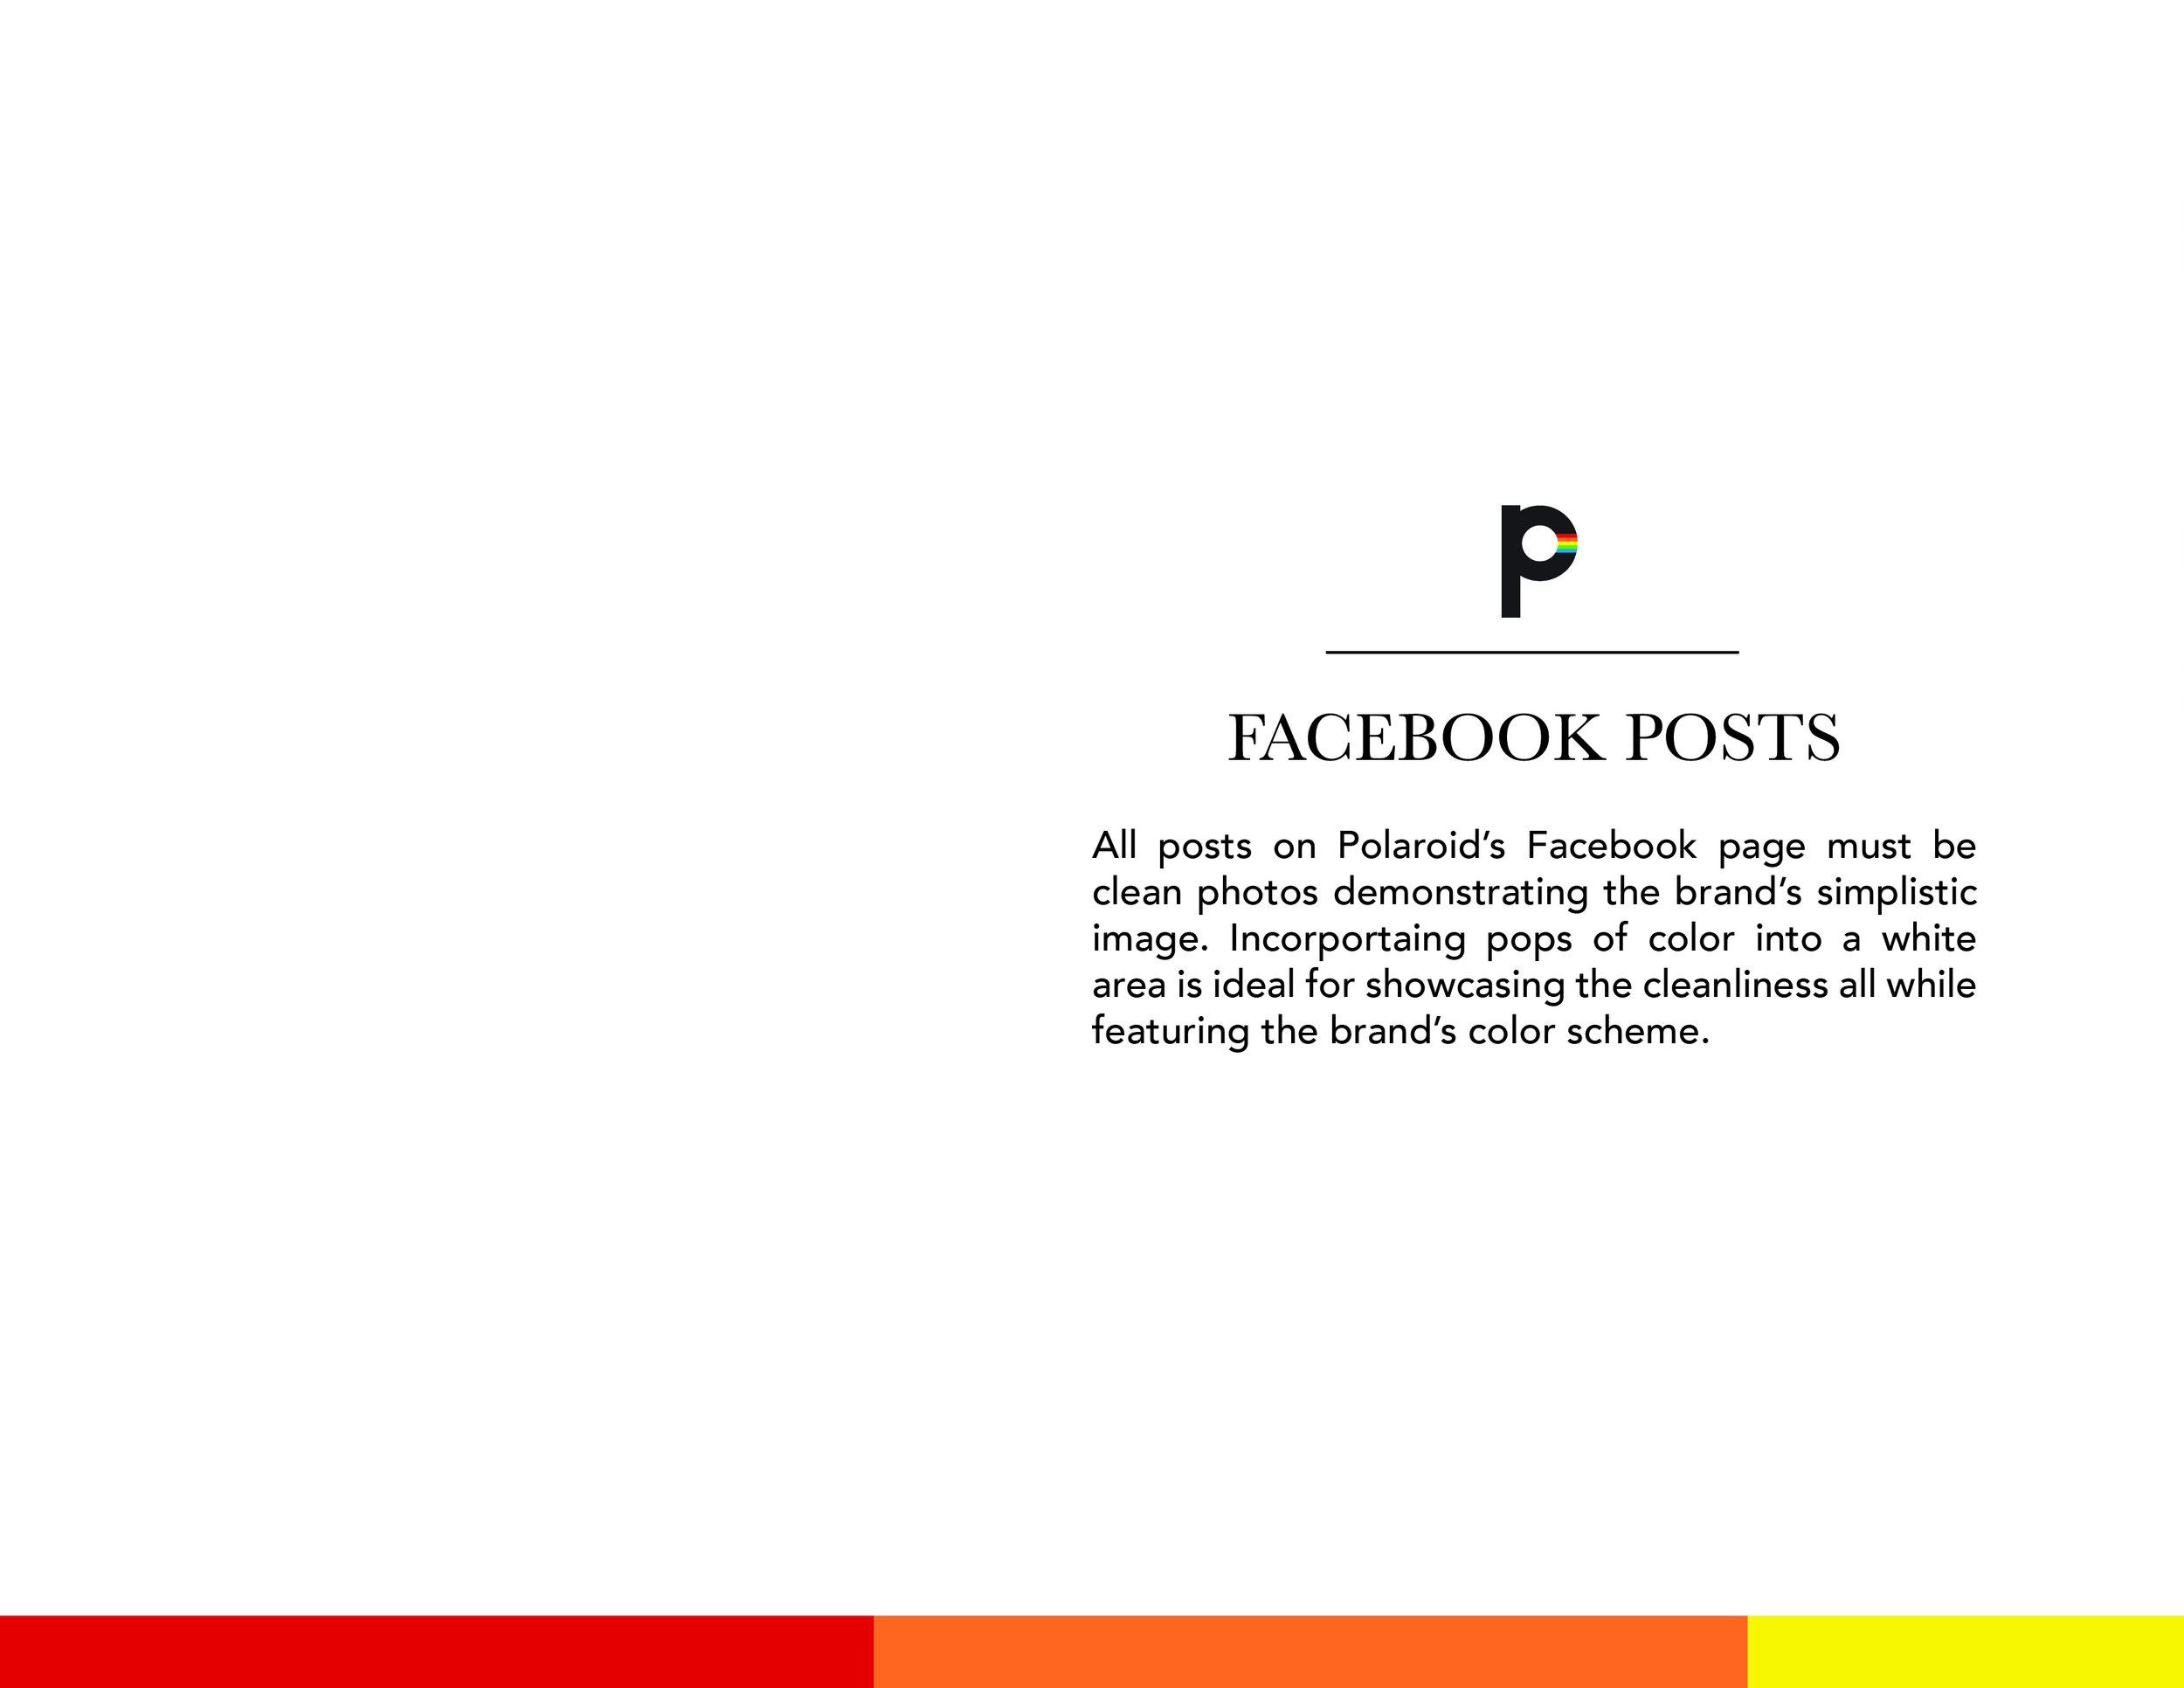 Polaroid Brand Guide 116.jpg